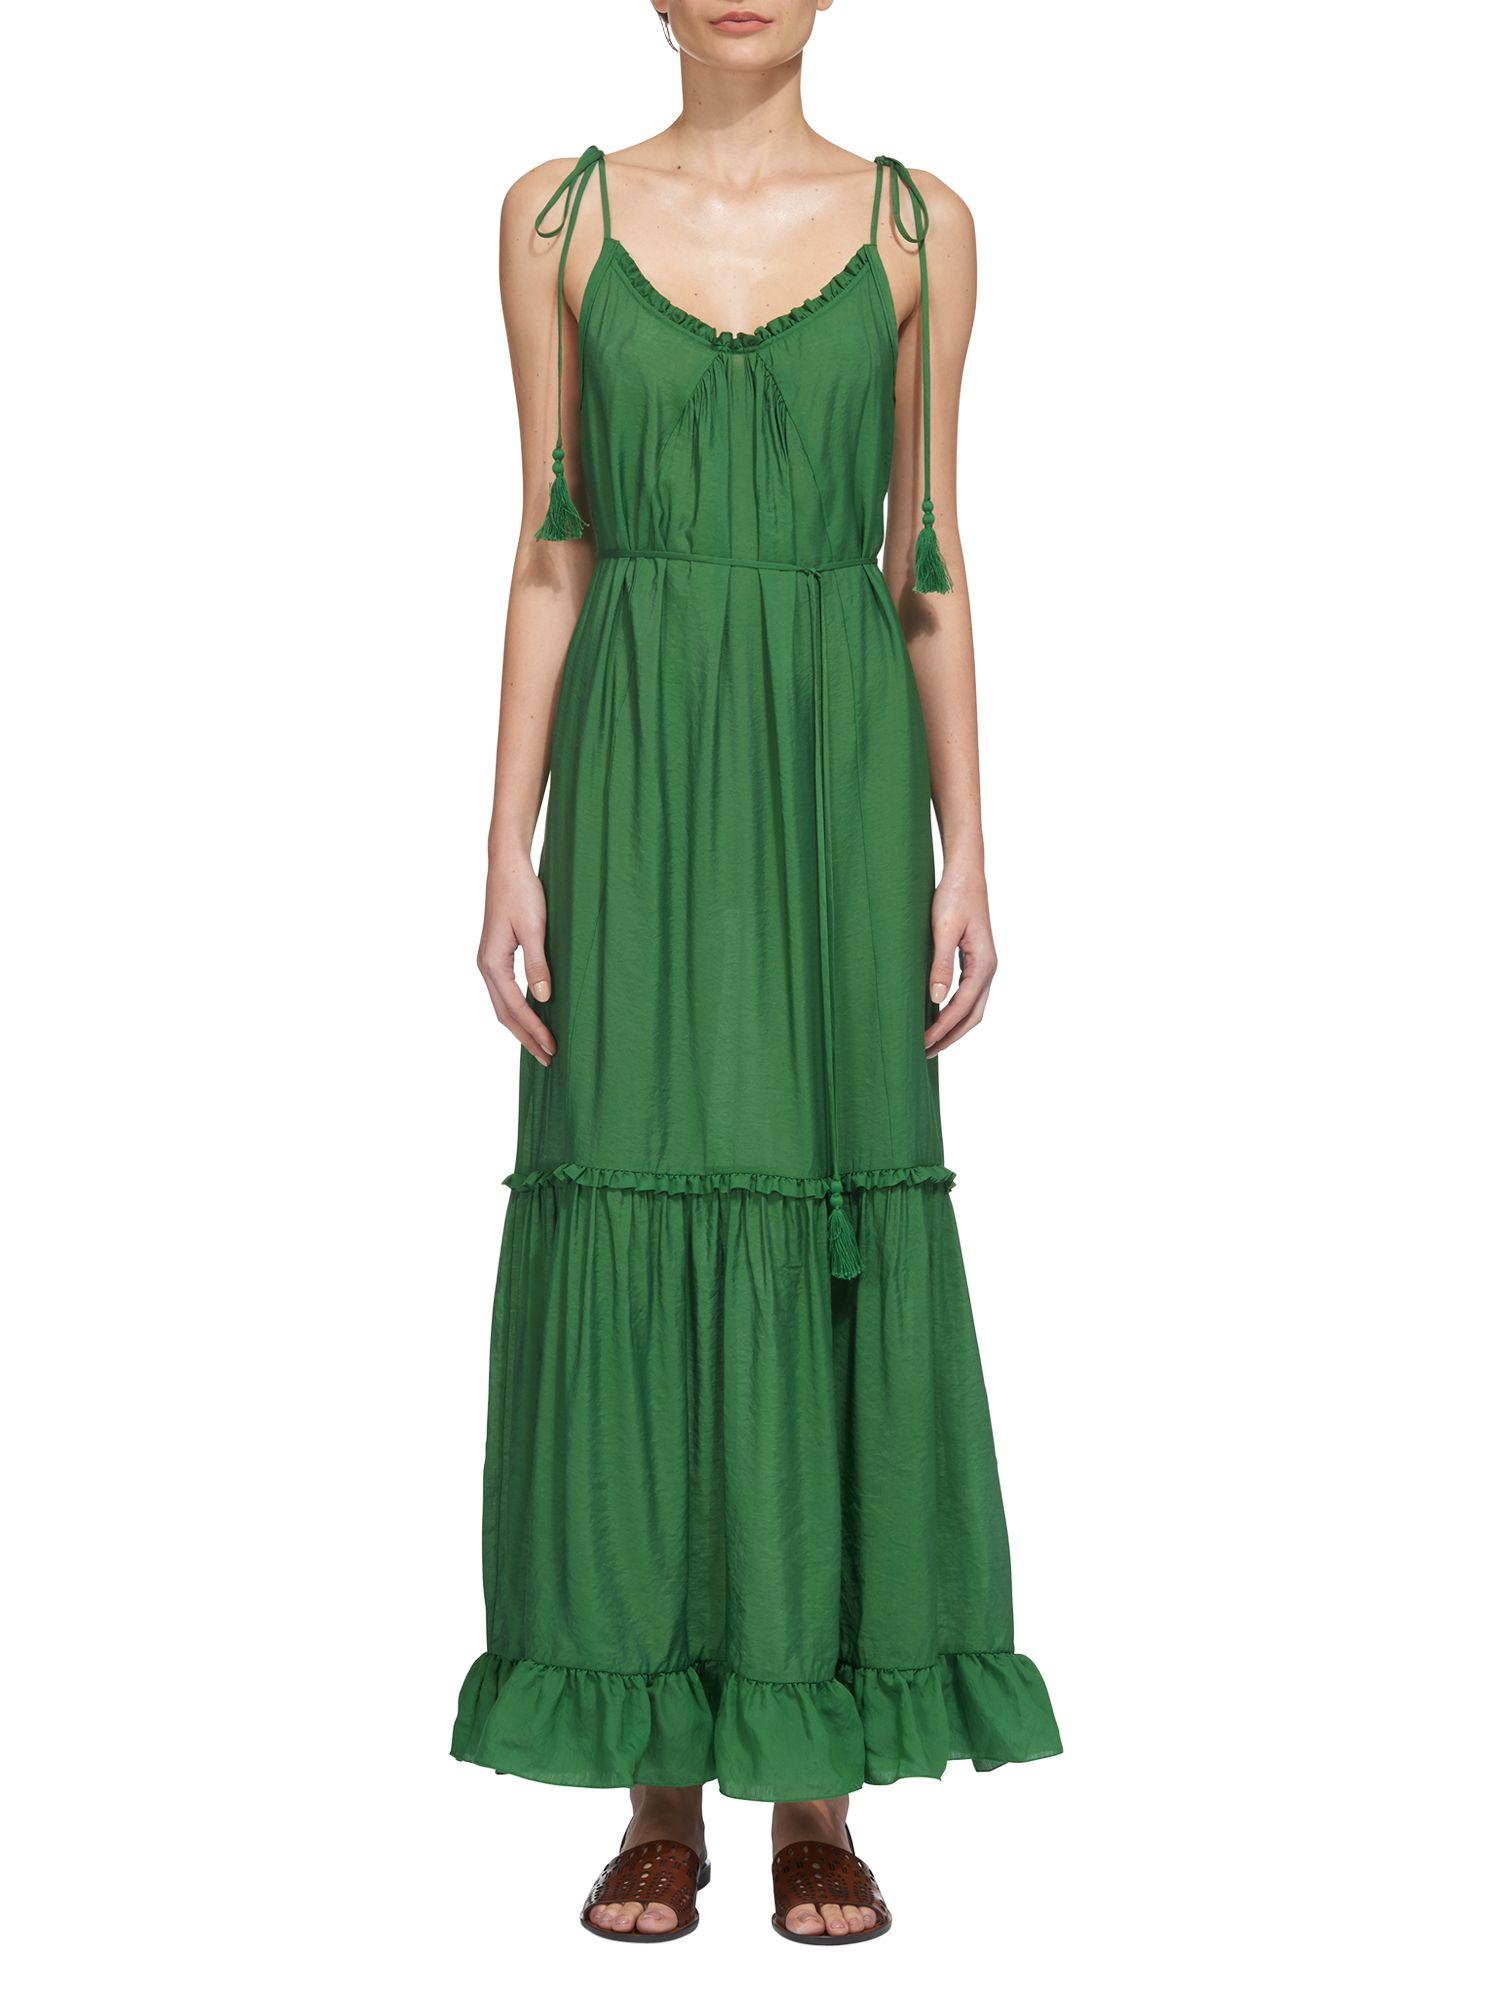 Whistles green maxi dress